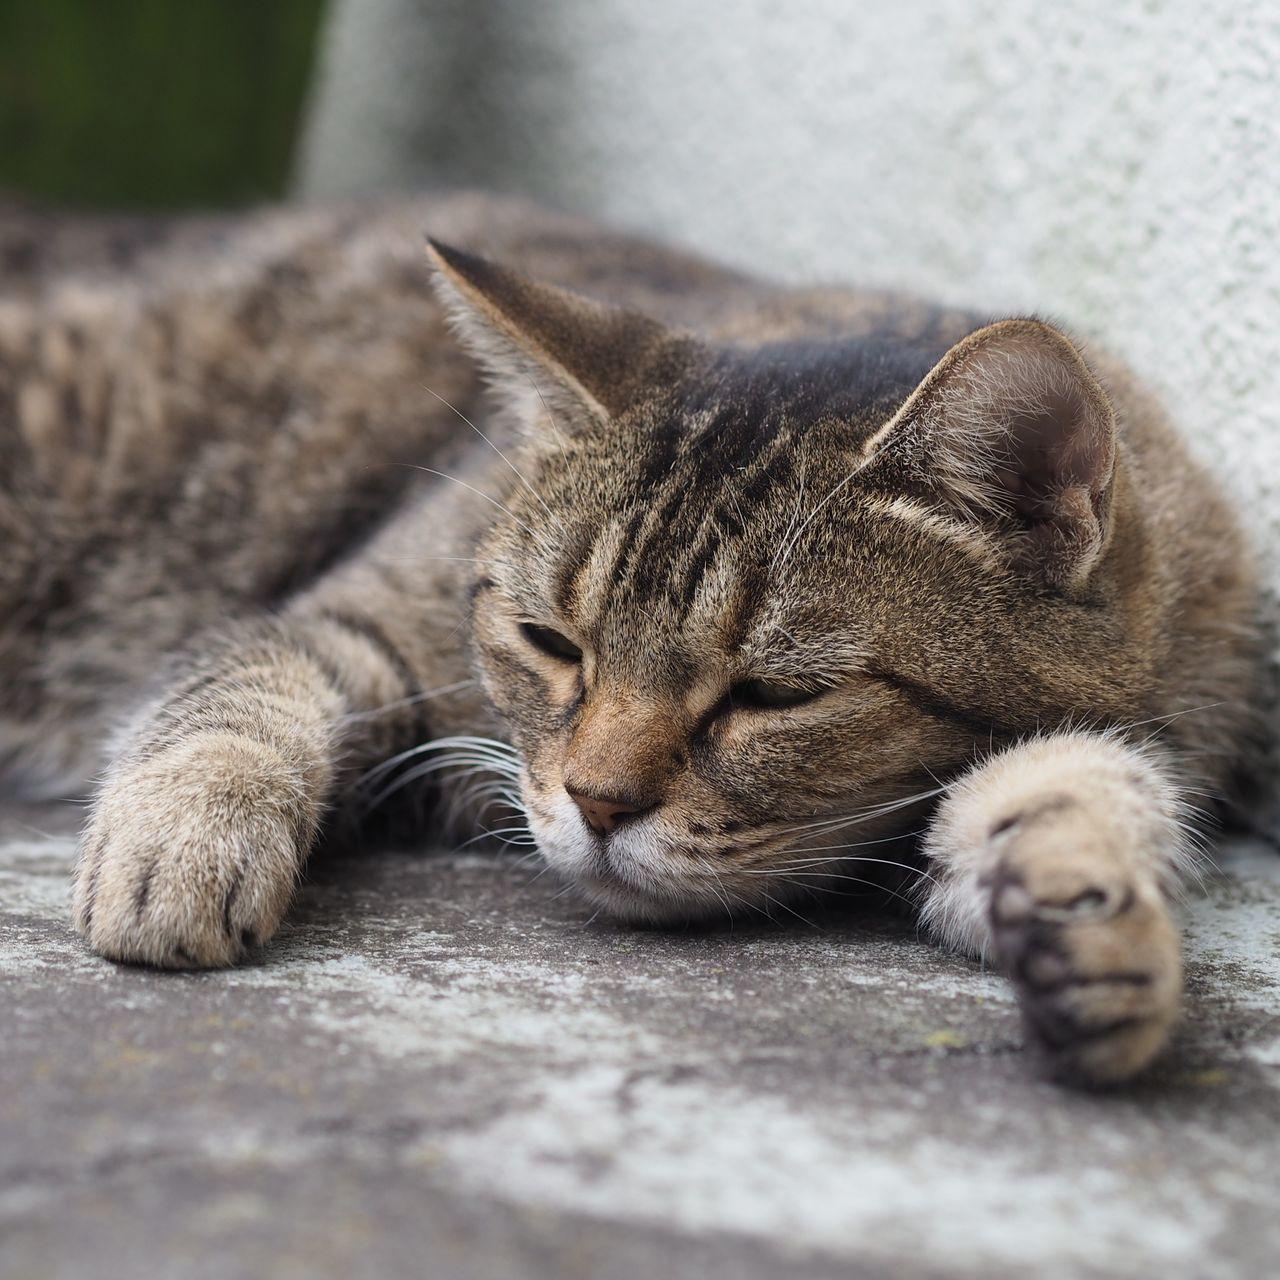 前脚(笑)!Animal Cat Capture The Moment Stray Cat Catsofinstagram Sleeping Taking Pictures Taking Photos Relaxing Cats Of EyeEm